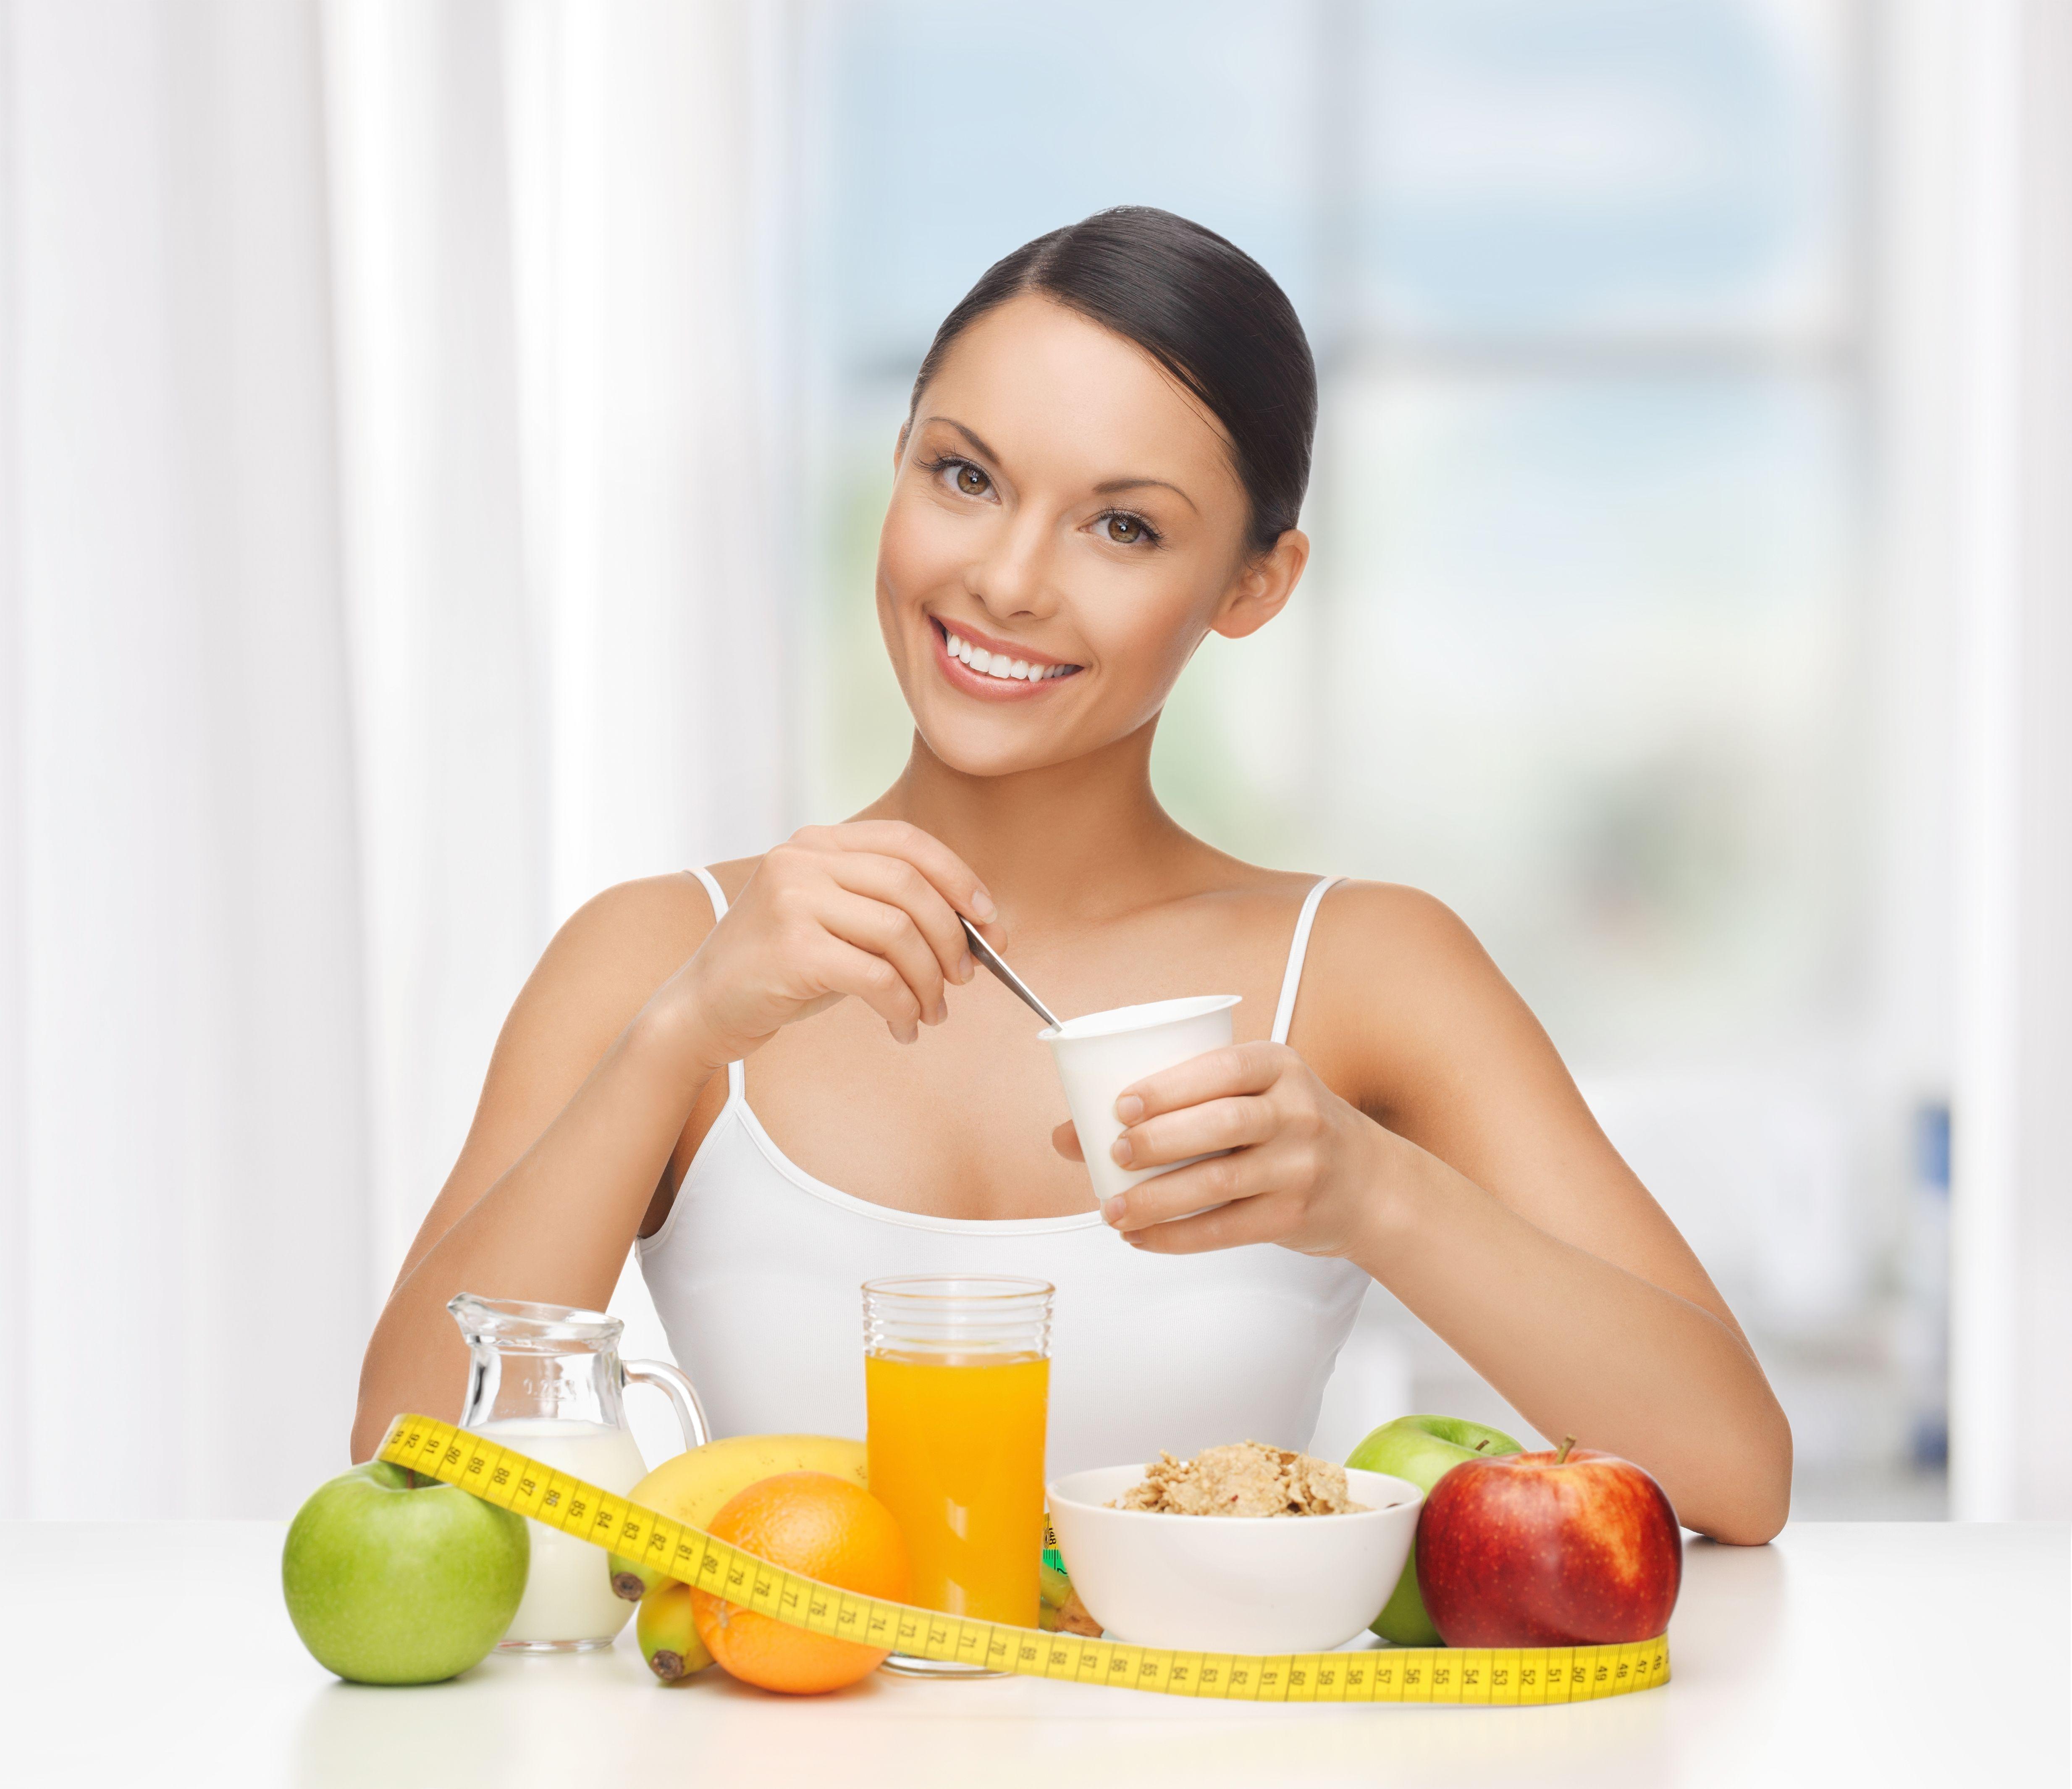 Asesoramiento y análisis nutricional: Tratamientos de Clínica de medicina Estética y Nutrición Doctora Mercedes Pajín